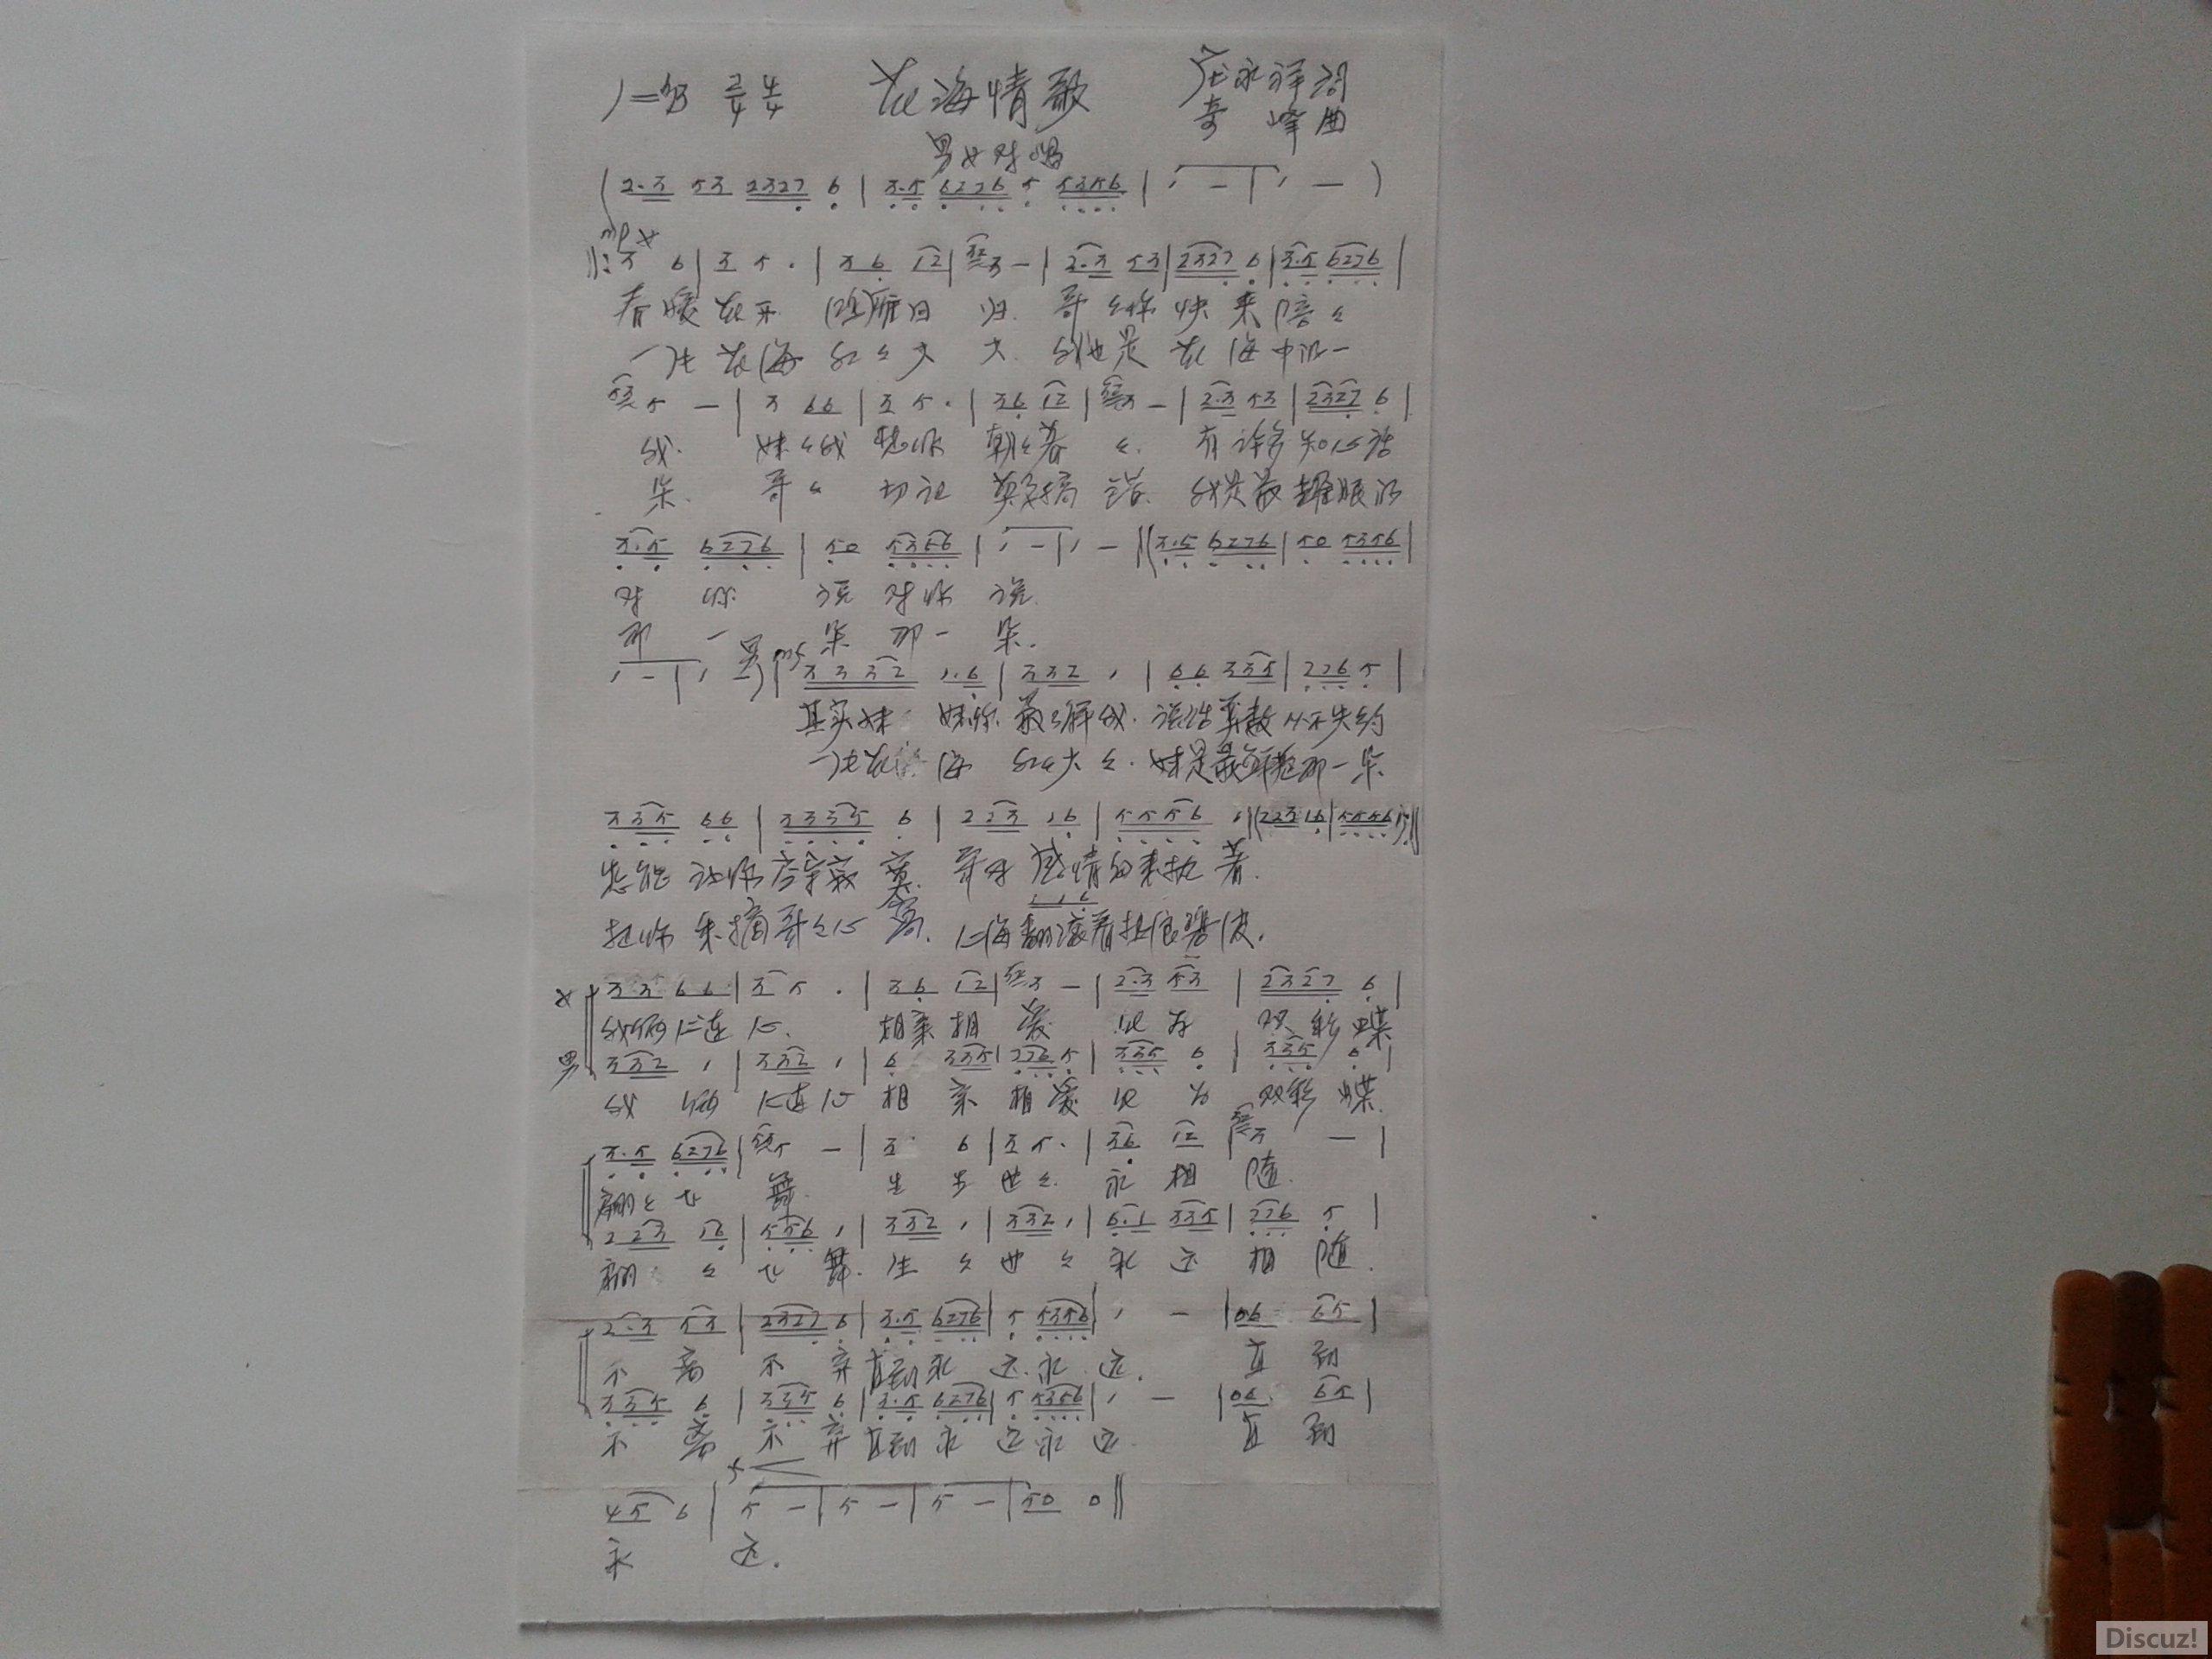 原创音乐曲谱 花海情歌 男女对唱 庄永祥词奇峰曲 Powered by Discuz